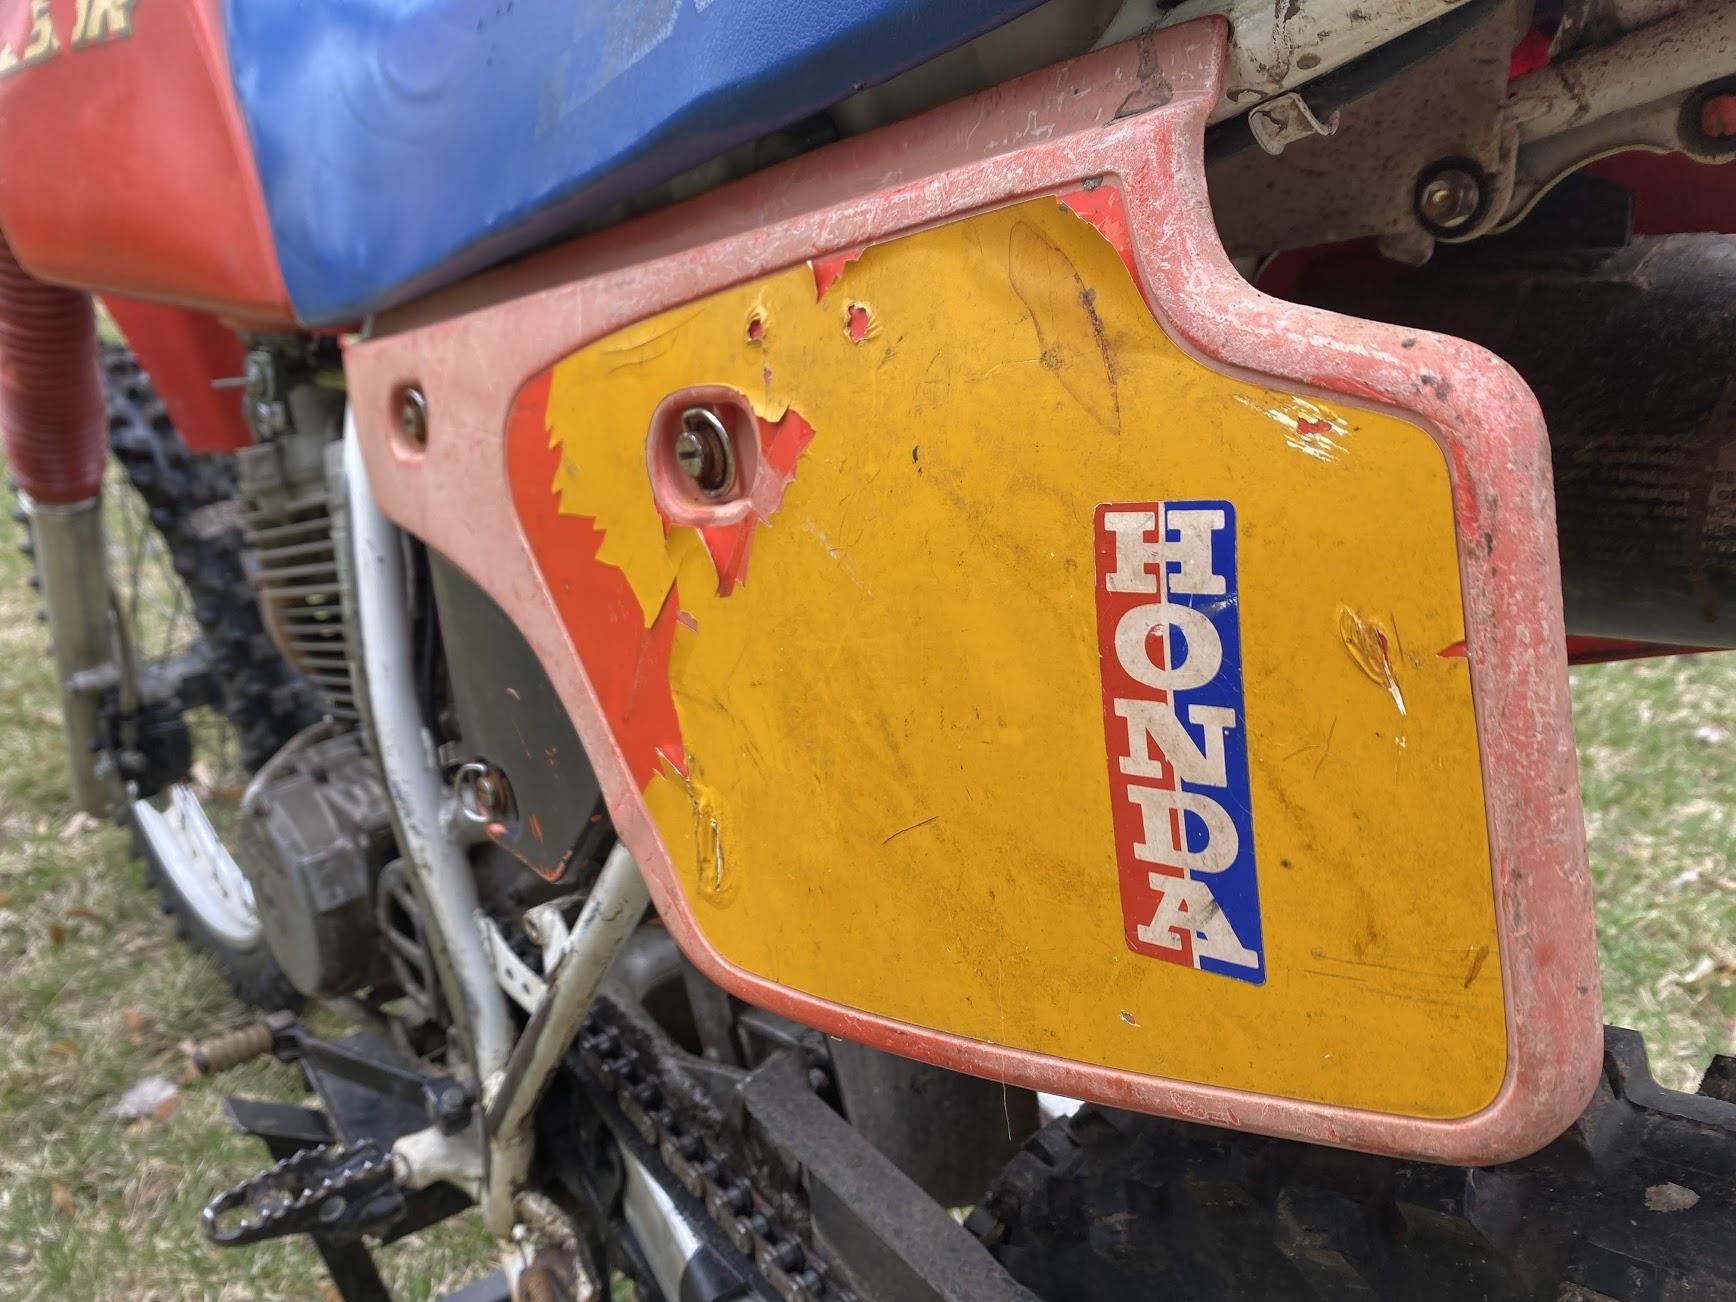 Honda Xr250 side panel